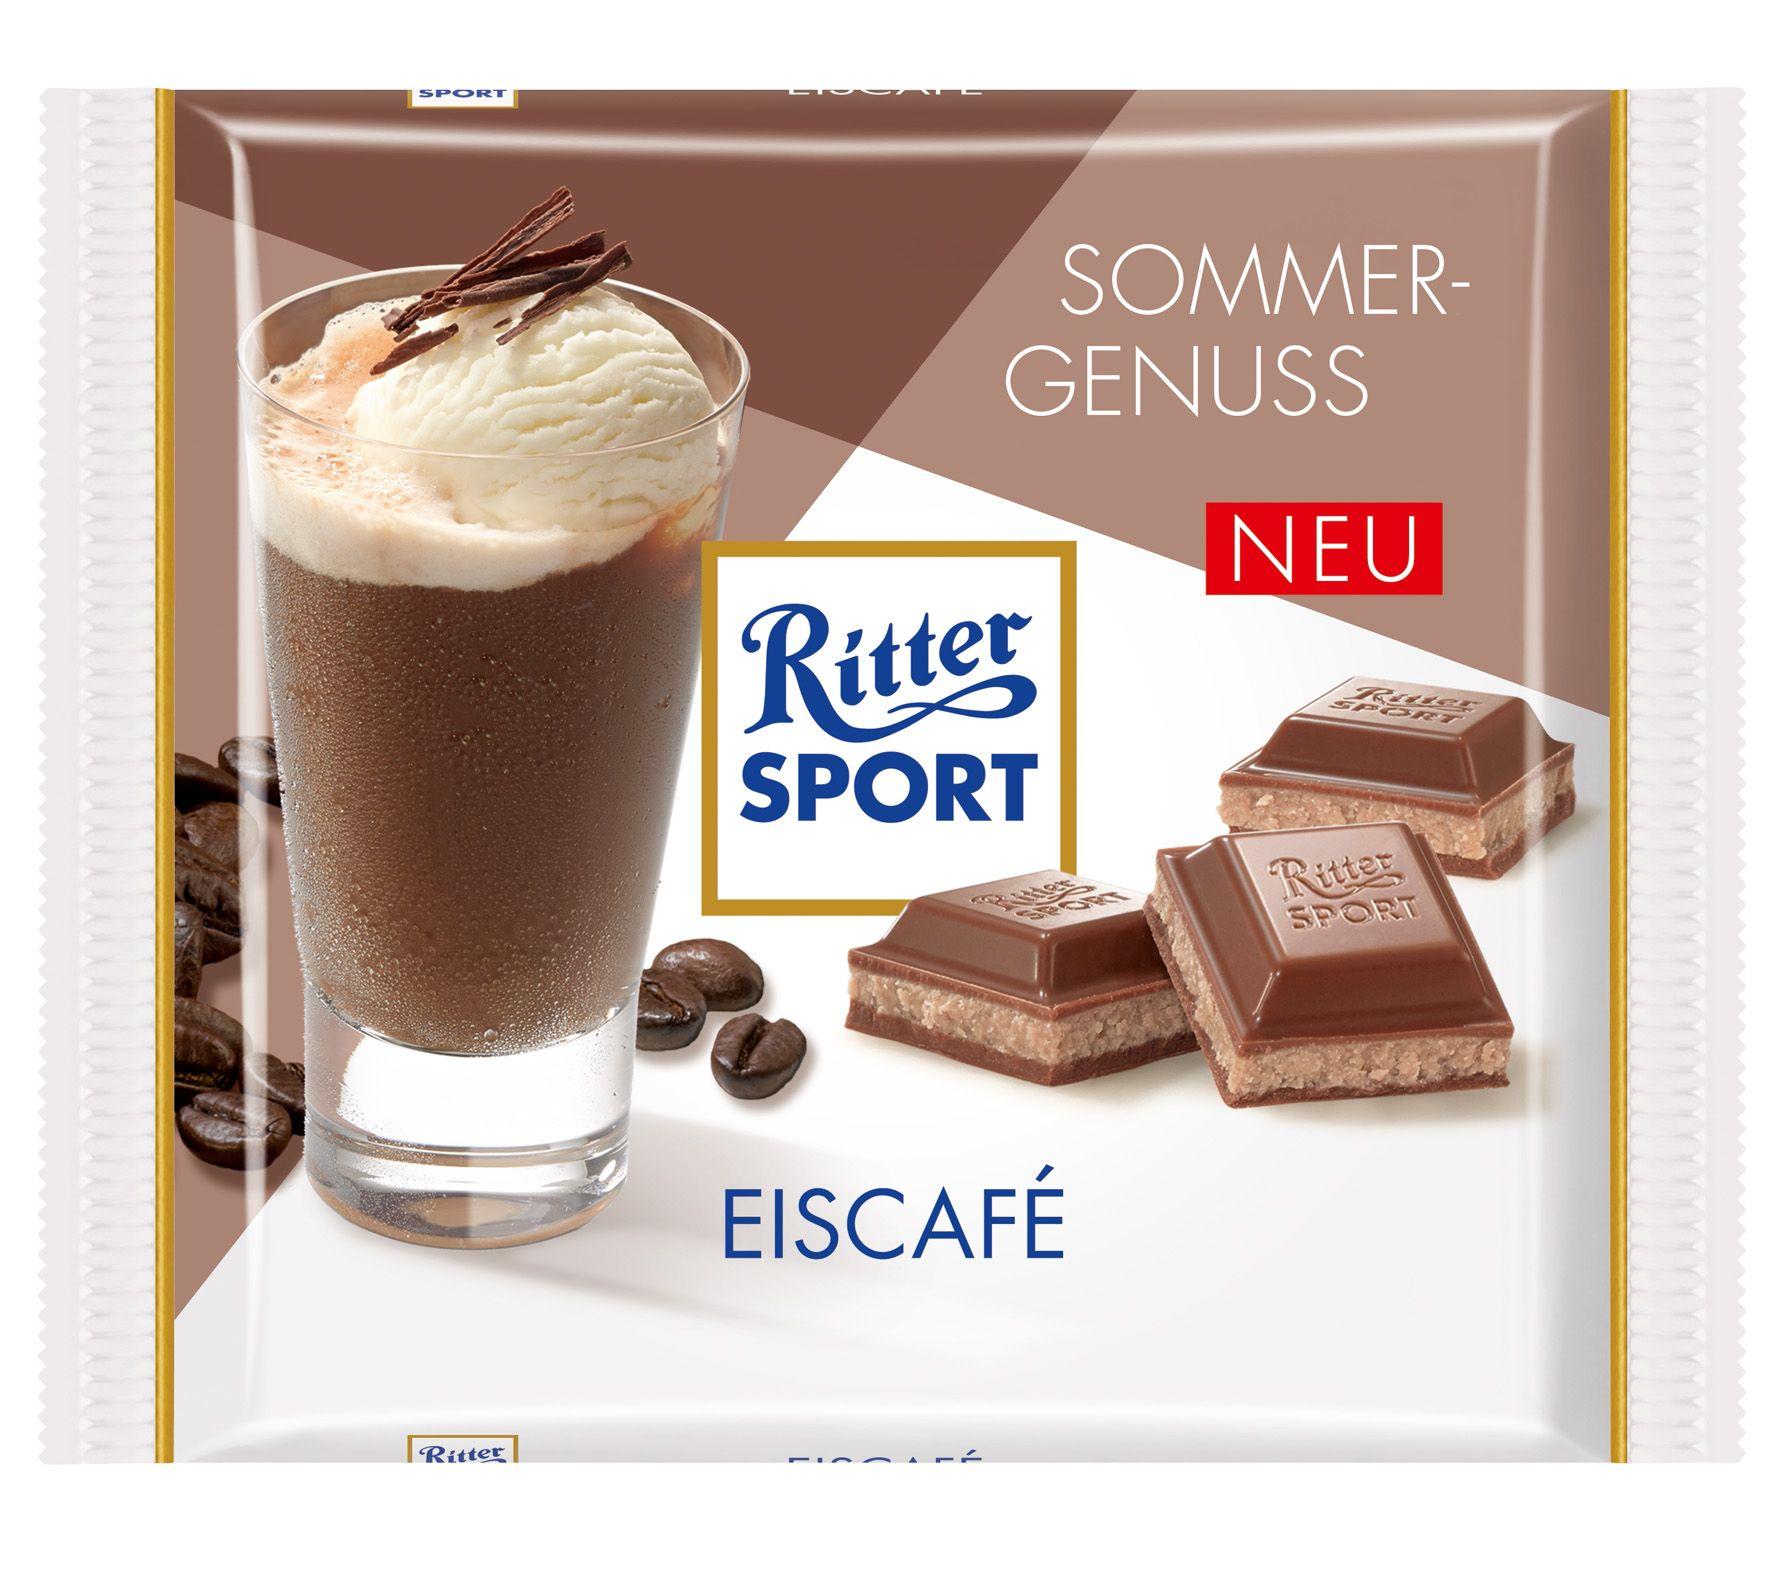 RITTER SPORT Eiscafé (2014) Ritter sport